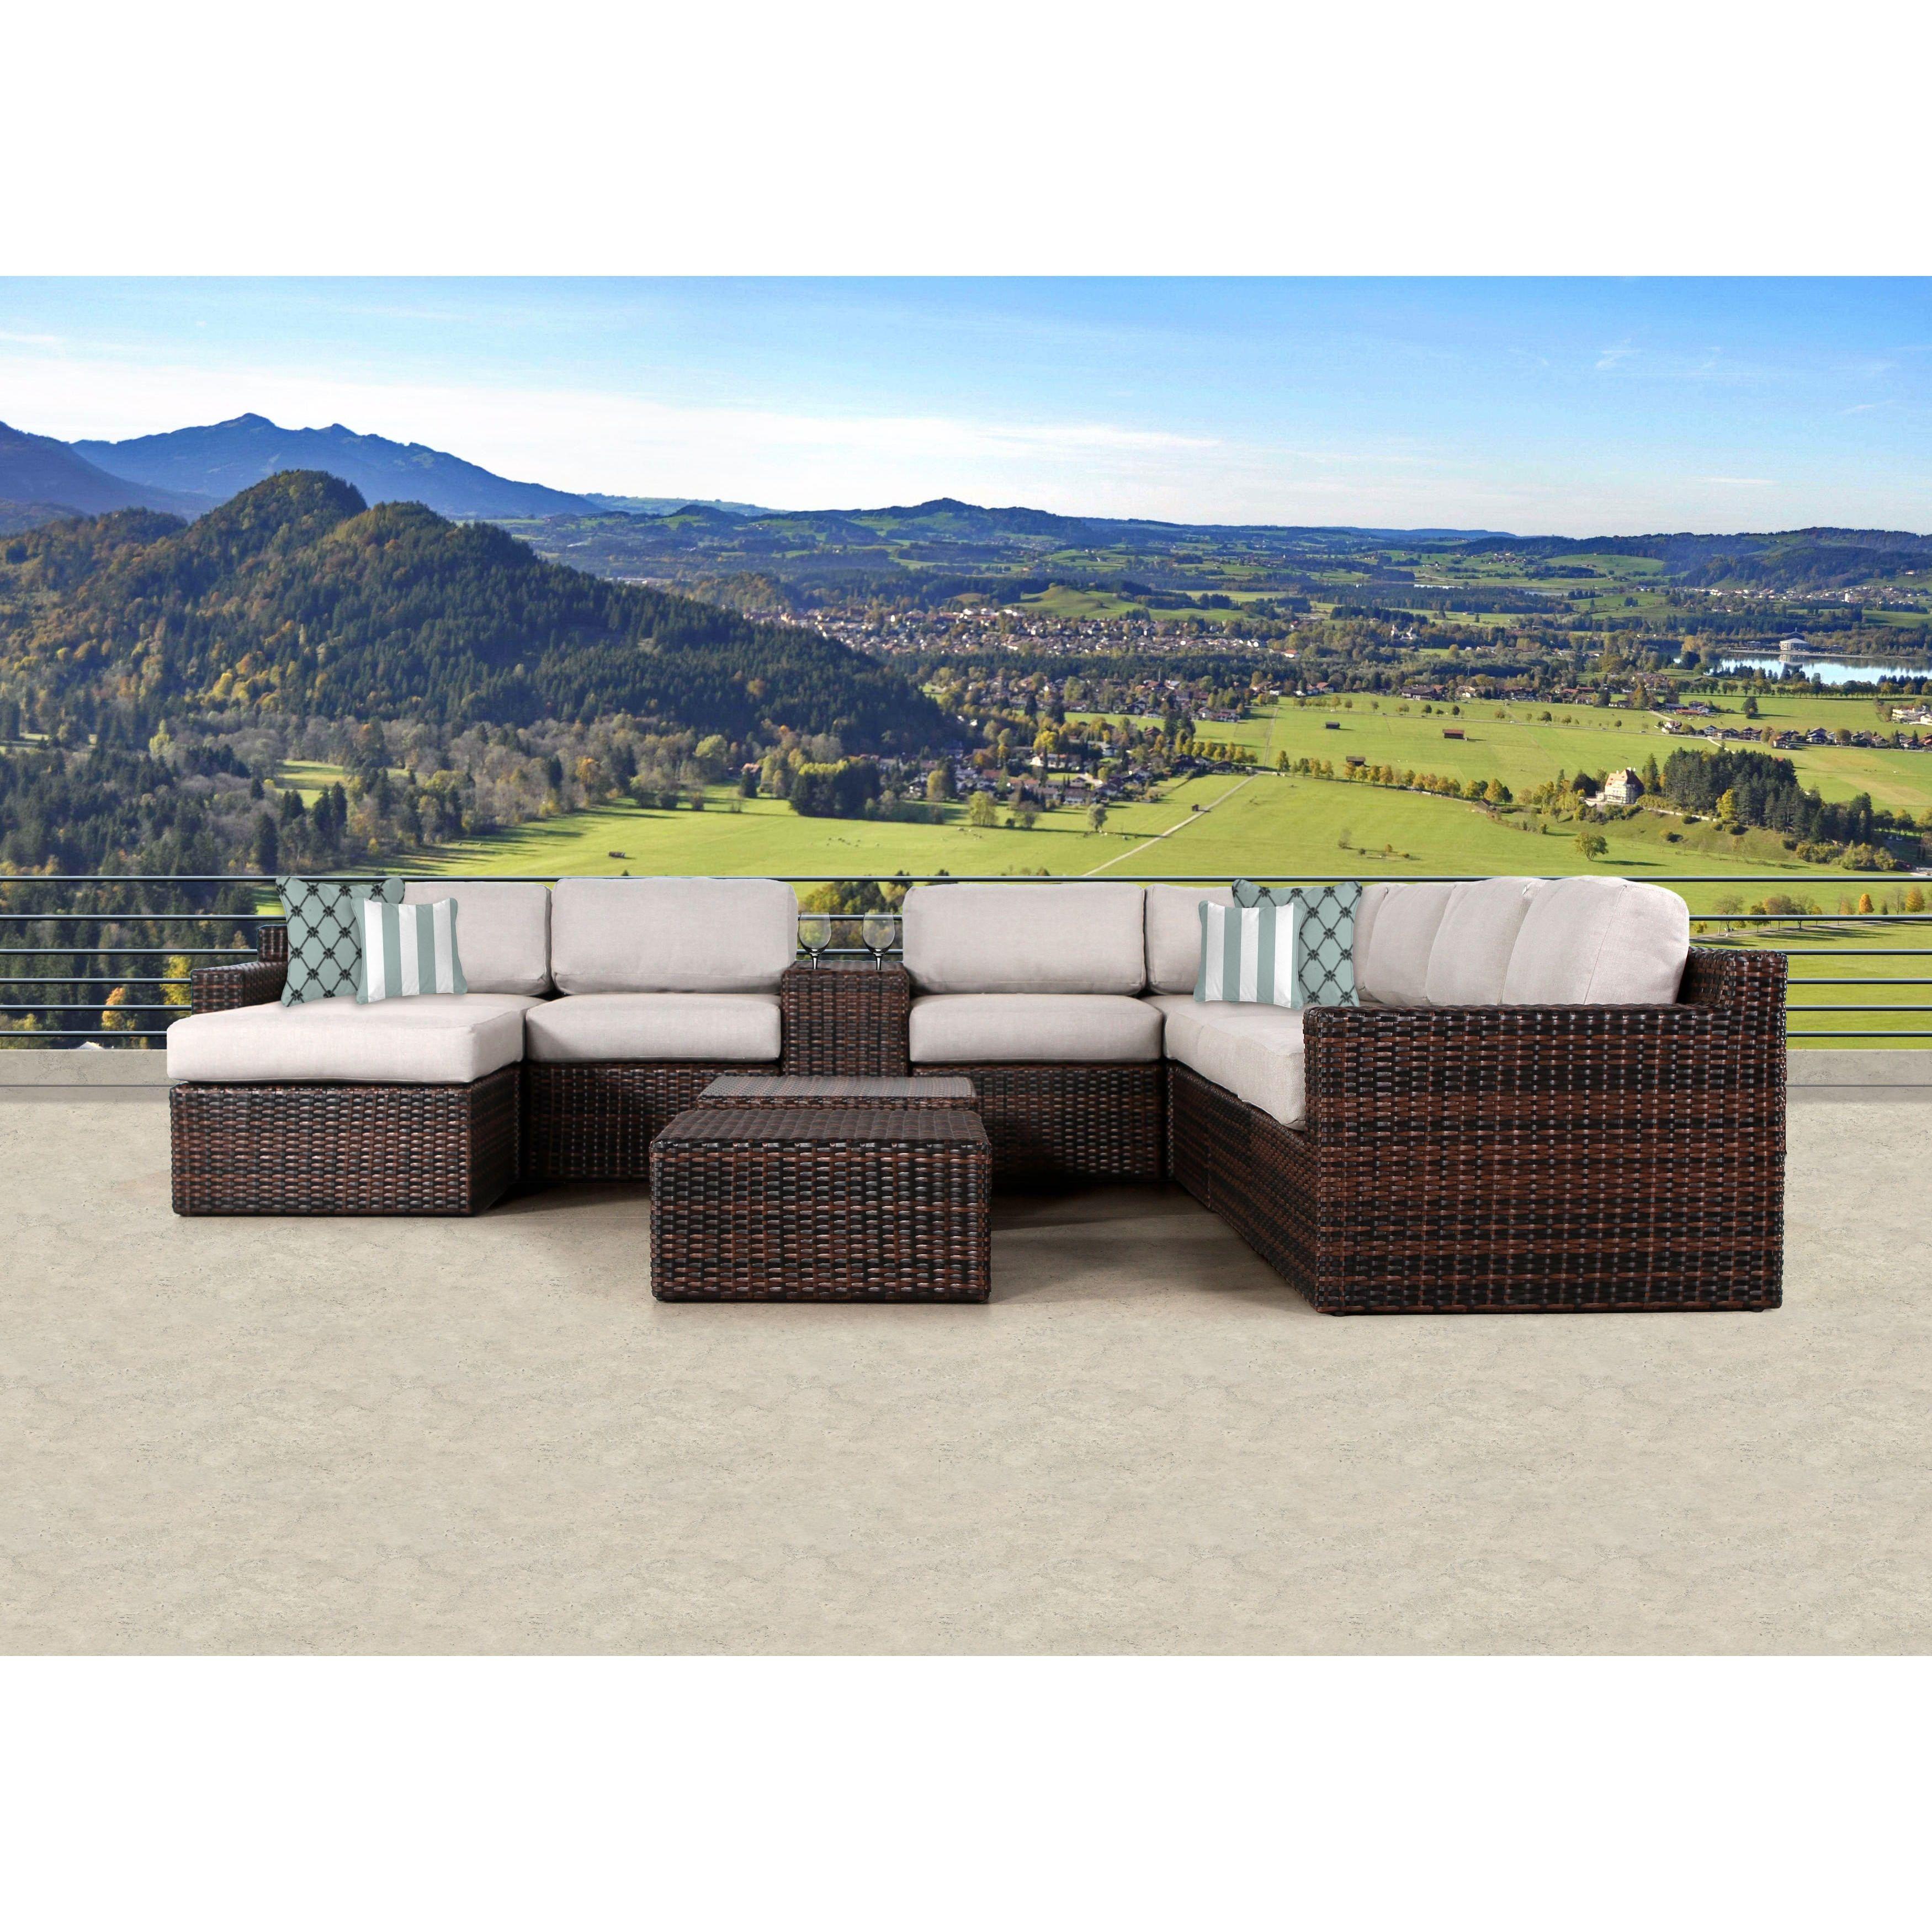 Sunhaven mora brown wicker piece outdoor sofa conversation set